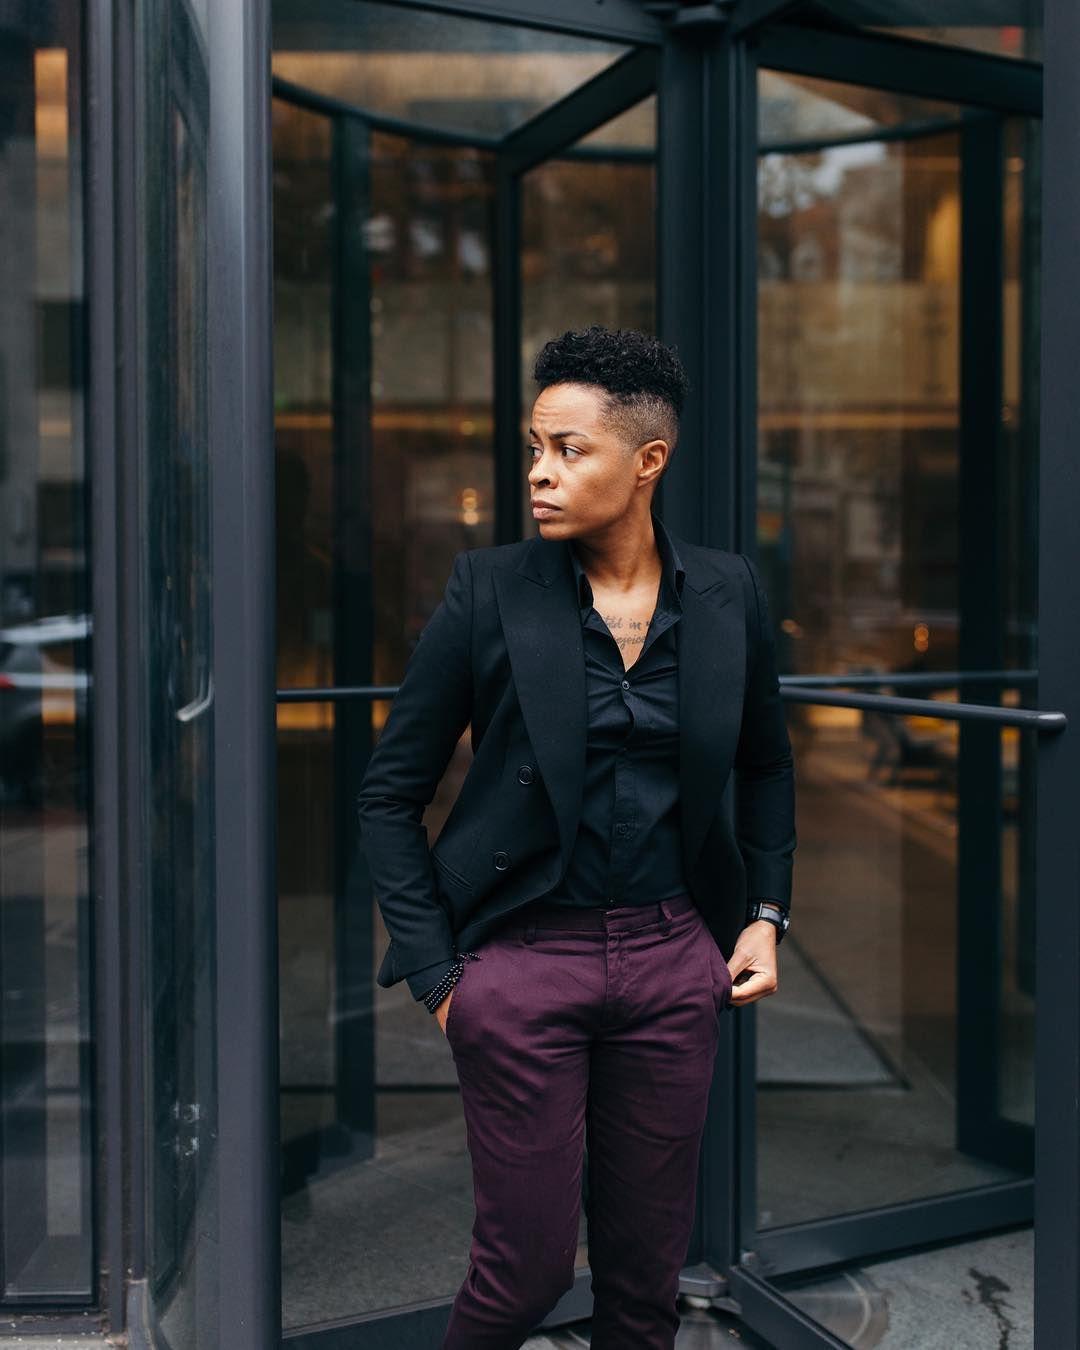 Pin Af Marissa Lauren On Fit Det Classy I 2019 Femme-8422